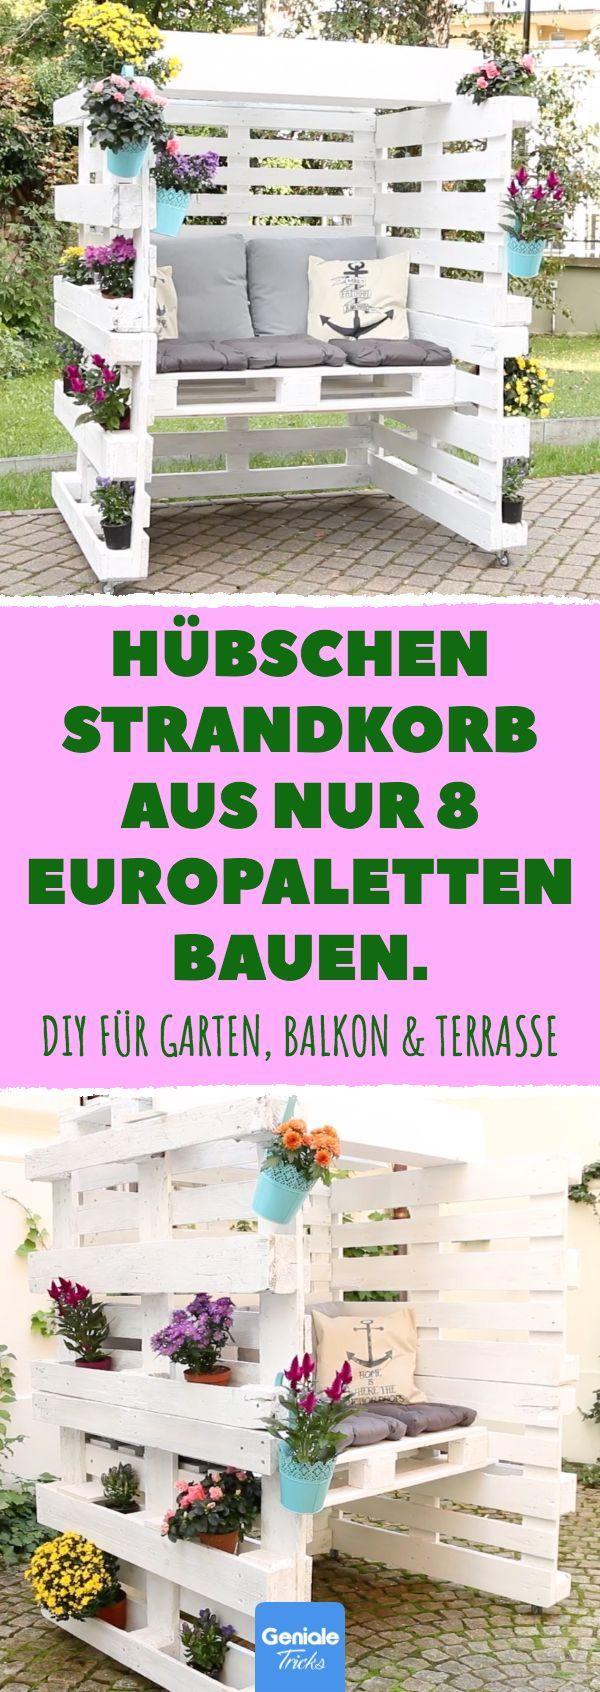 Hübschen Strandkorb aus nur 8 Europaletten bauen. DIY für Garten, Balkon & Ter